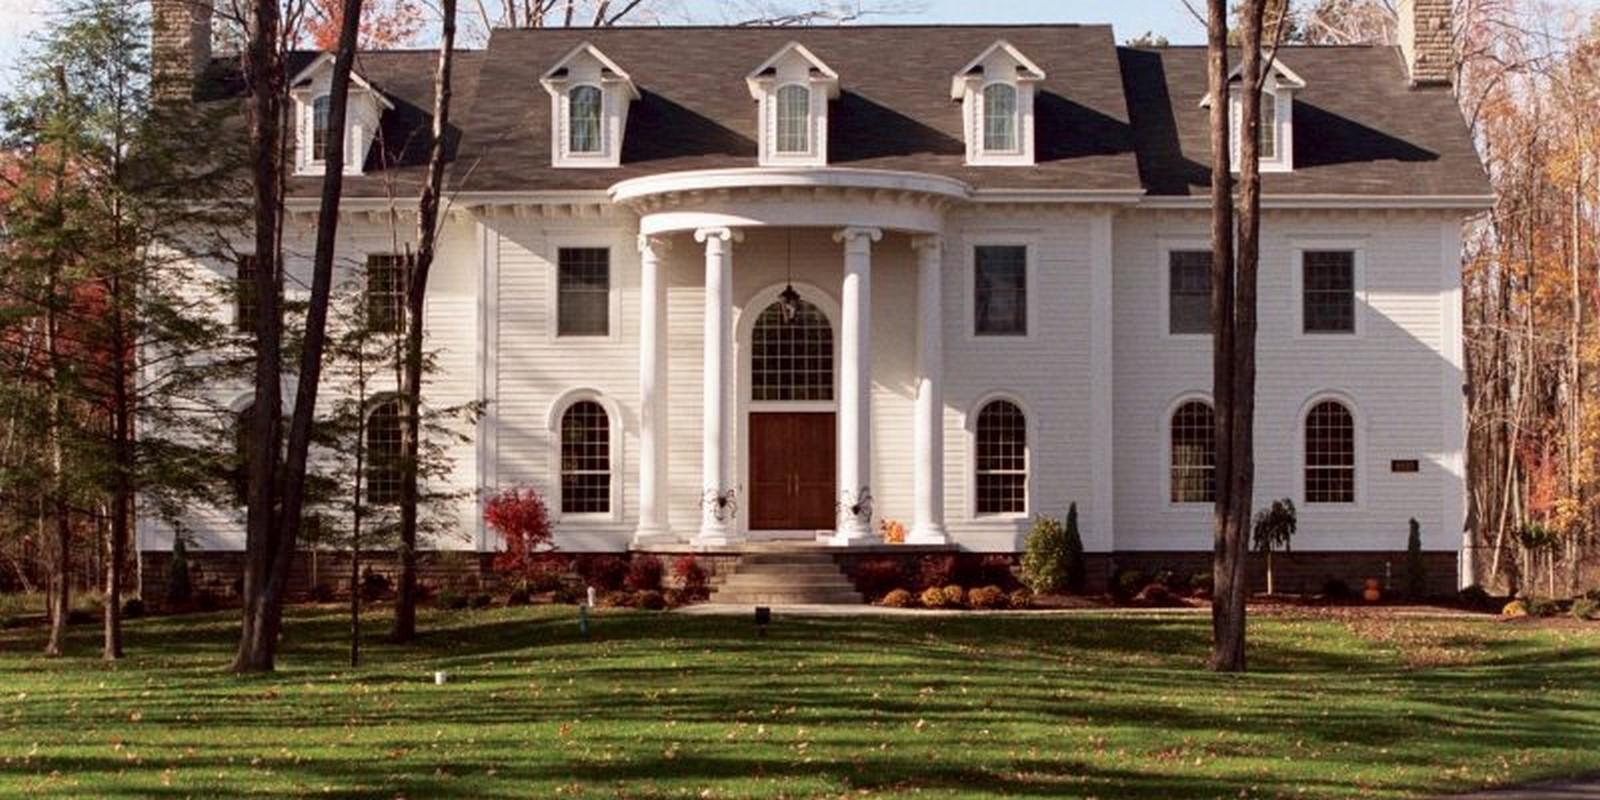 Architects in Buffalo - Top 45 Architects in Buffalo - Sheet13